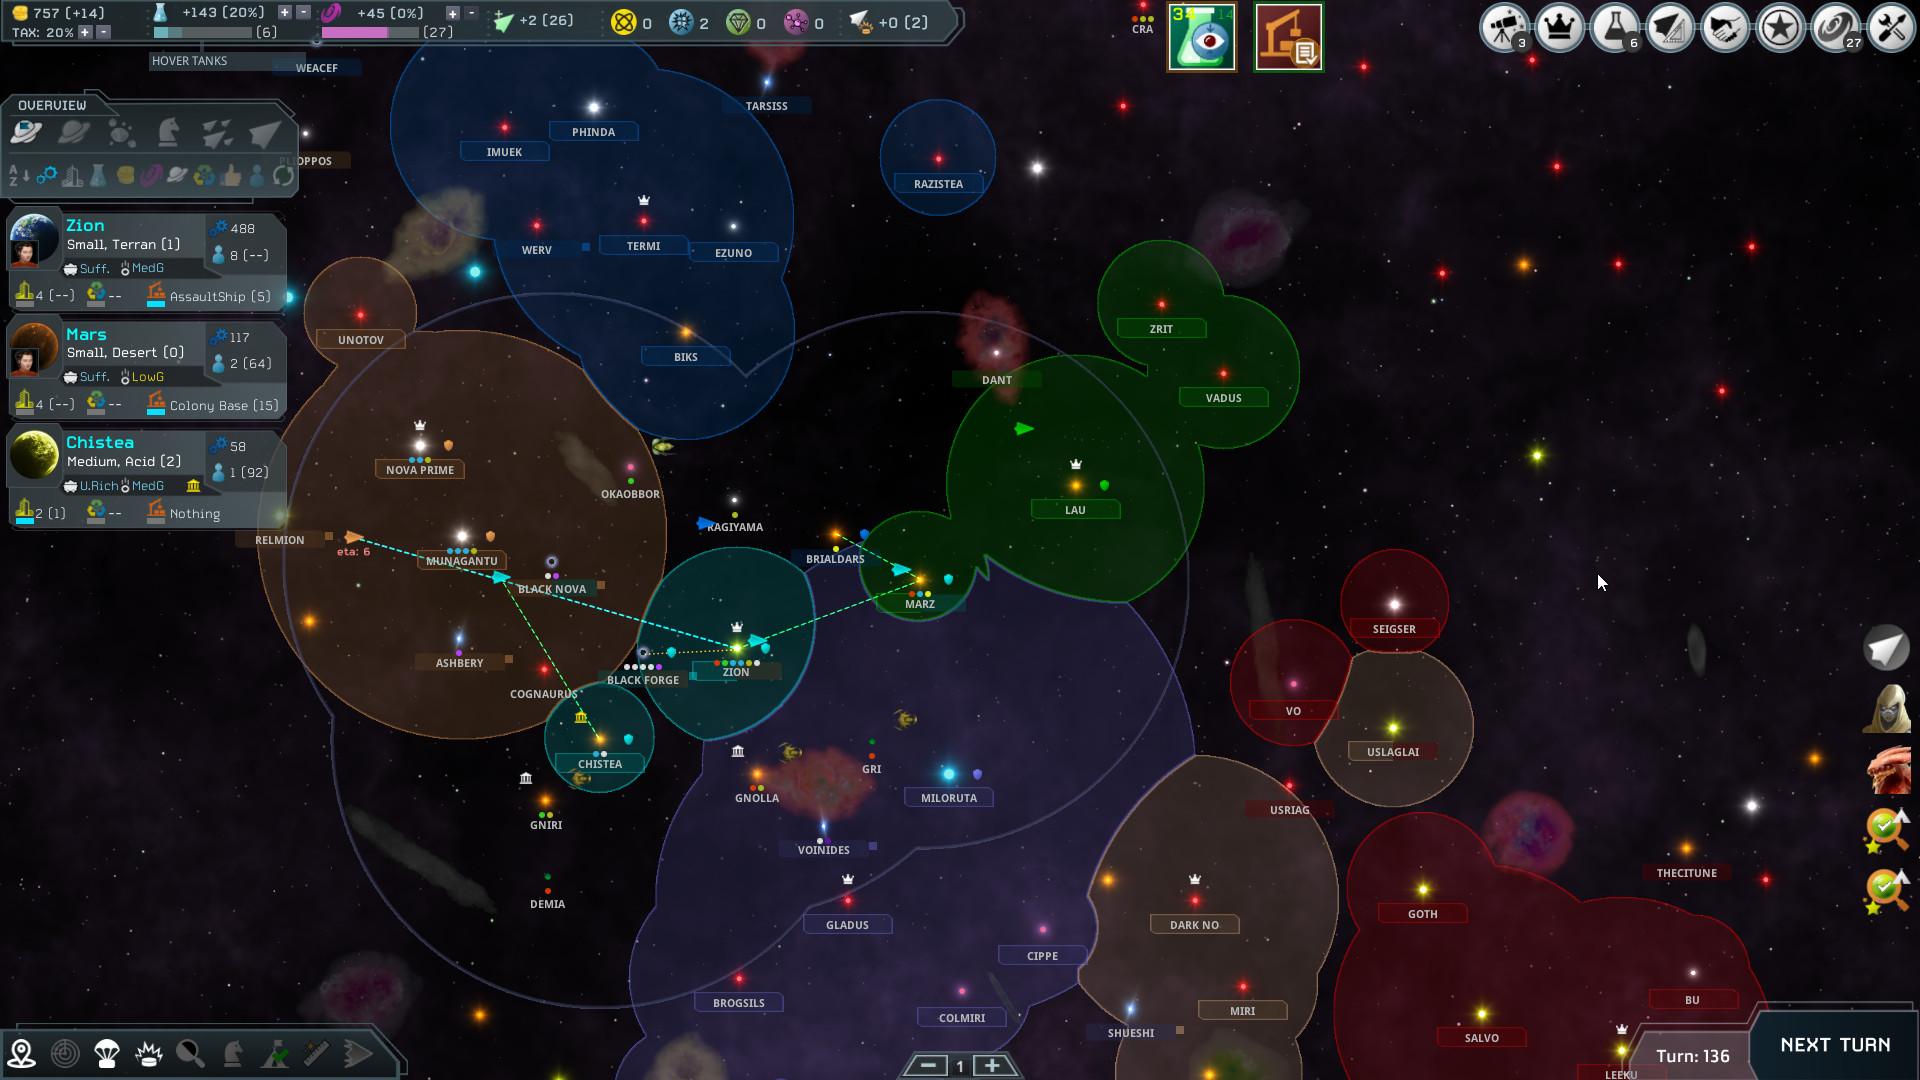 InterstellarSpaceGenesis GalaxyM